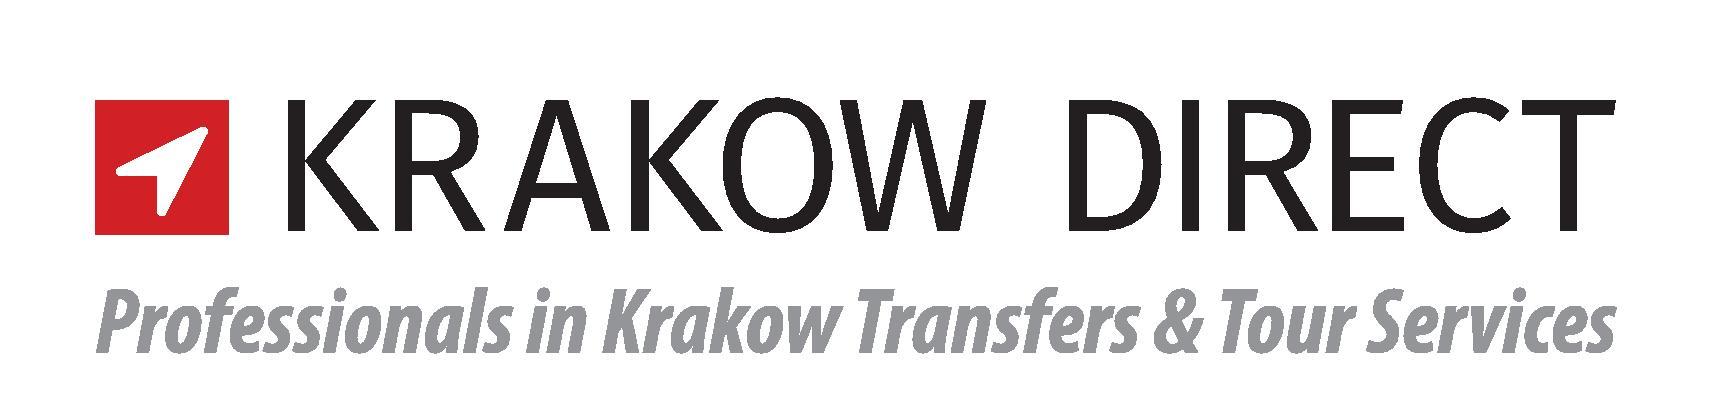 Krakow Direct